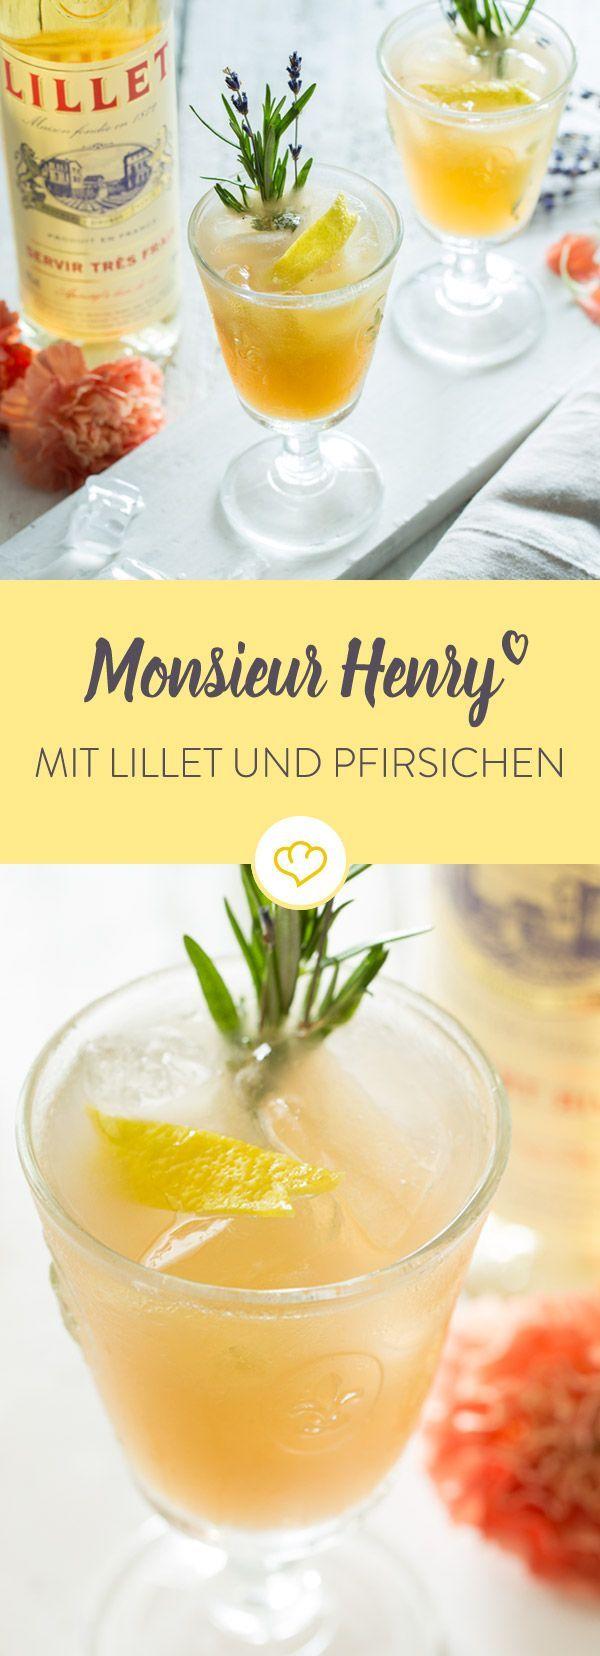 Hol dir Frankreich auf deinen Balkon und mixe dir einen leckeren Aperitif für heiße Sommerabende. Monsieur Henry kommt mit Lillet und Weinbergpfirsichen.